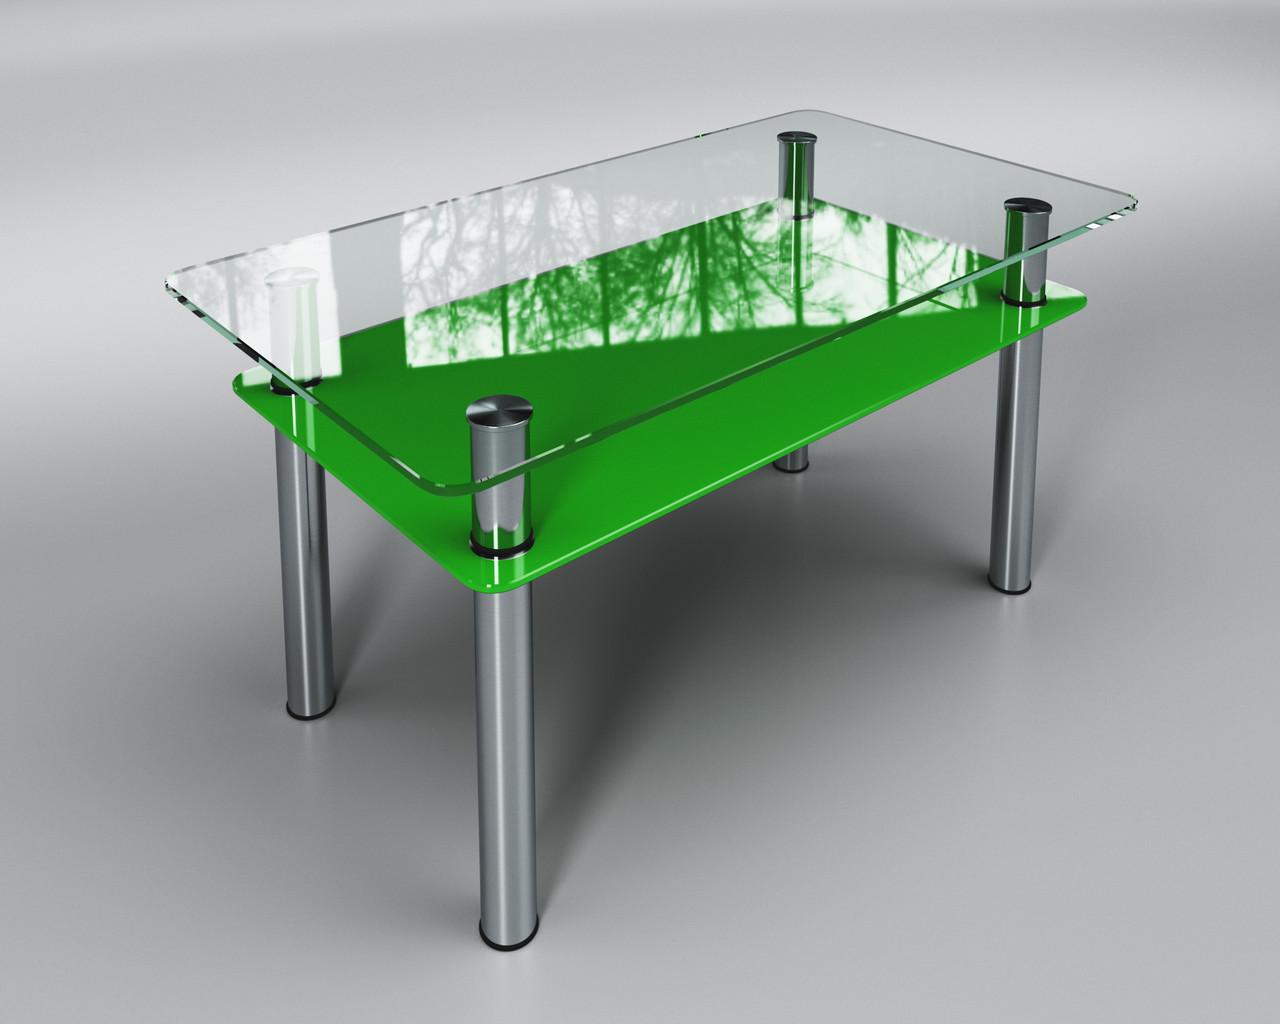 Стеклянный стол Вега с полкой (журнальный) зеленый